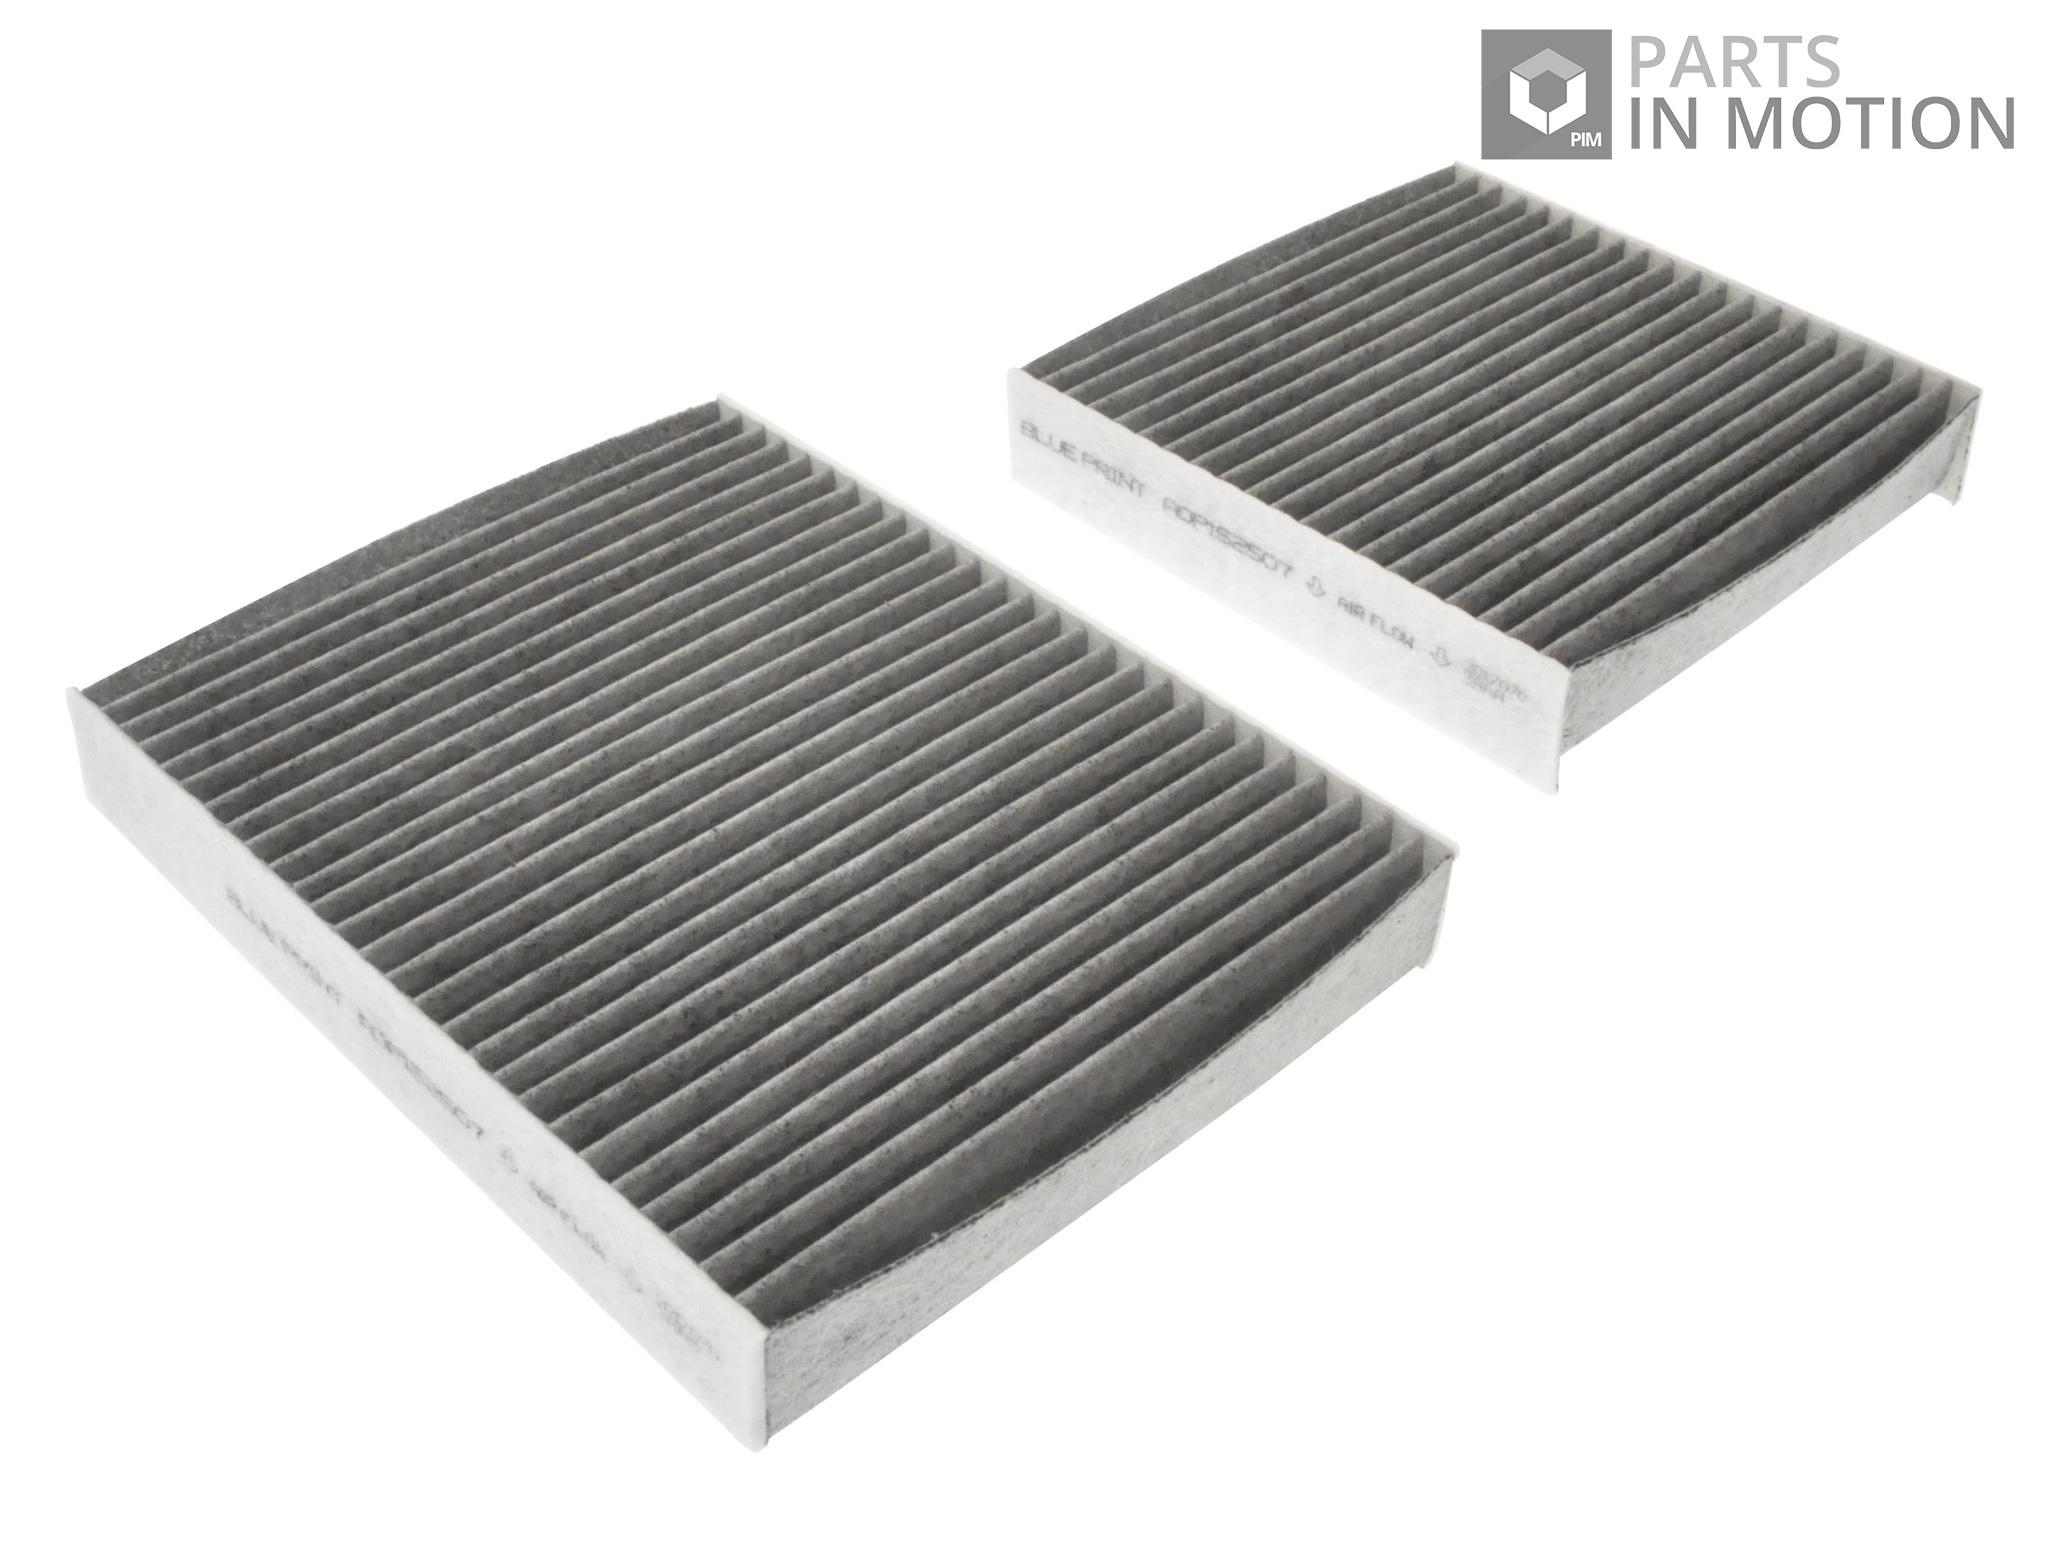 Fits Citroen C3 SC 1.4 HDI Genuine Blue Print Air Cabin Filter Set